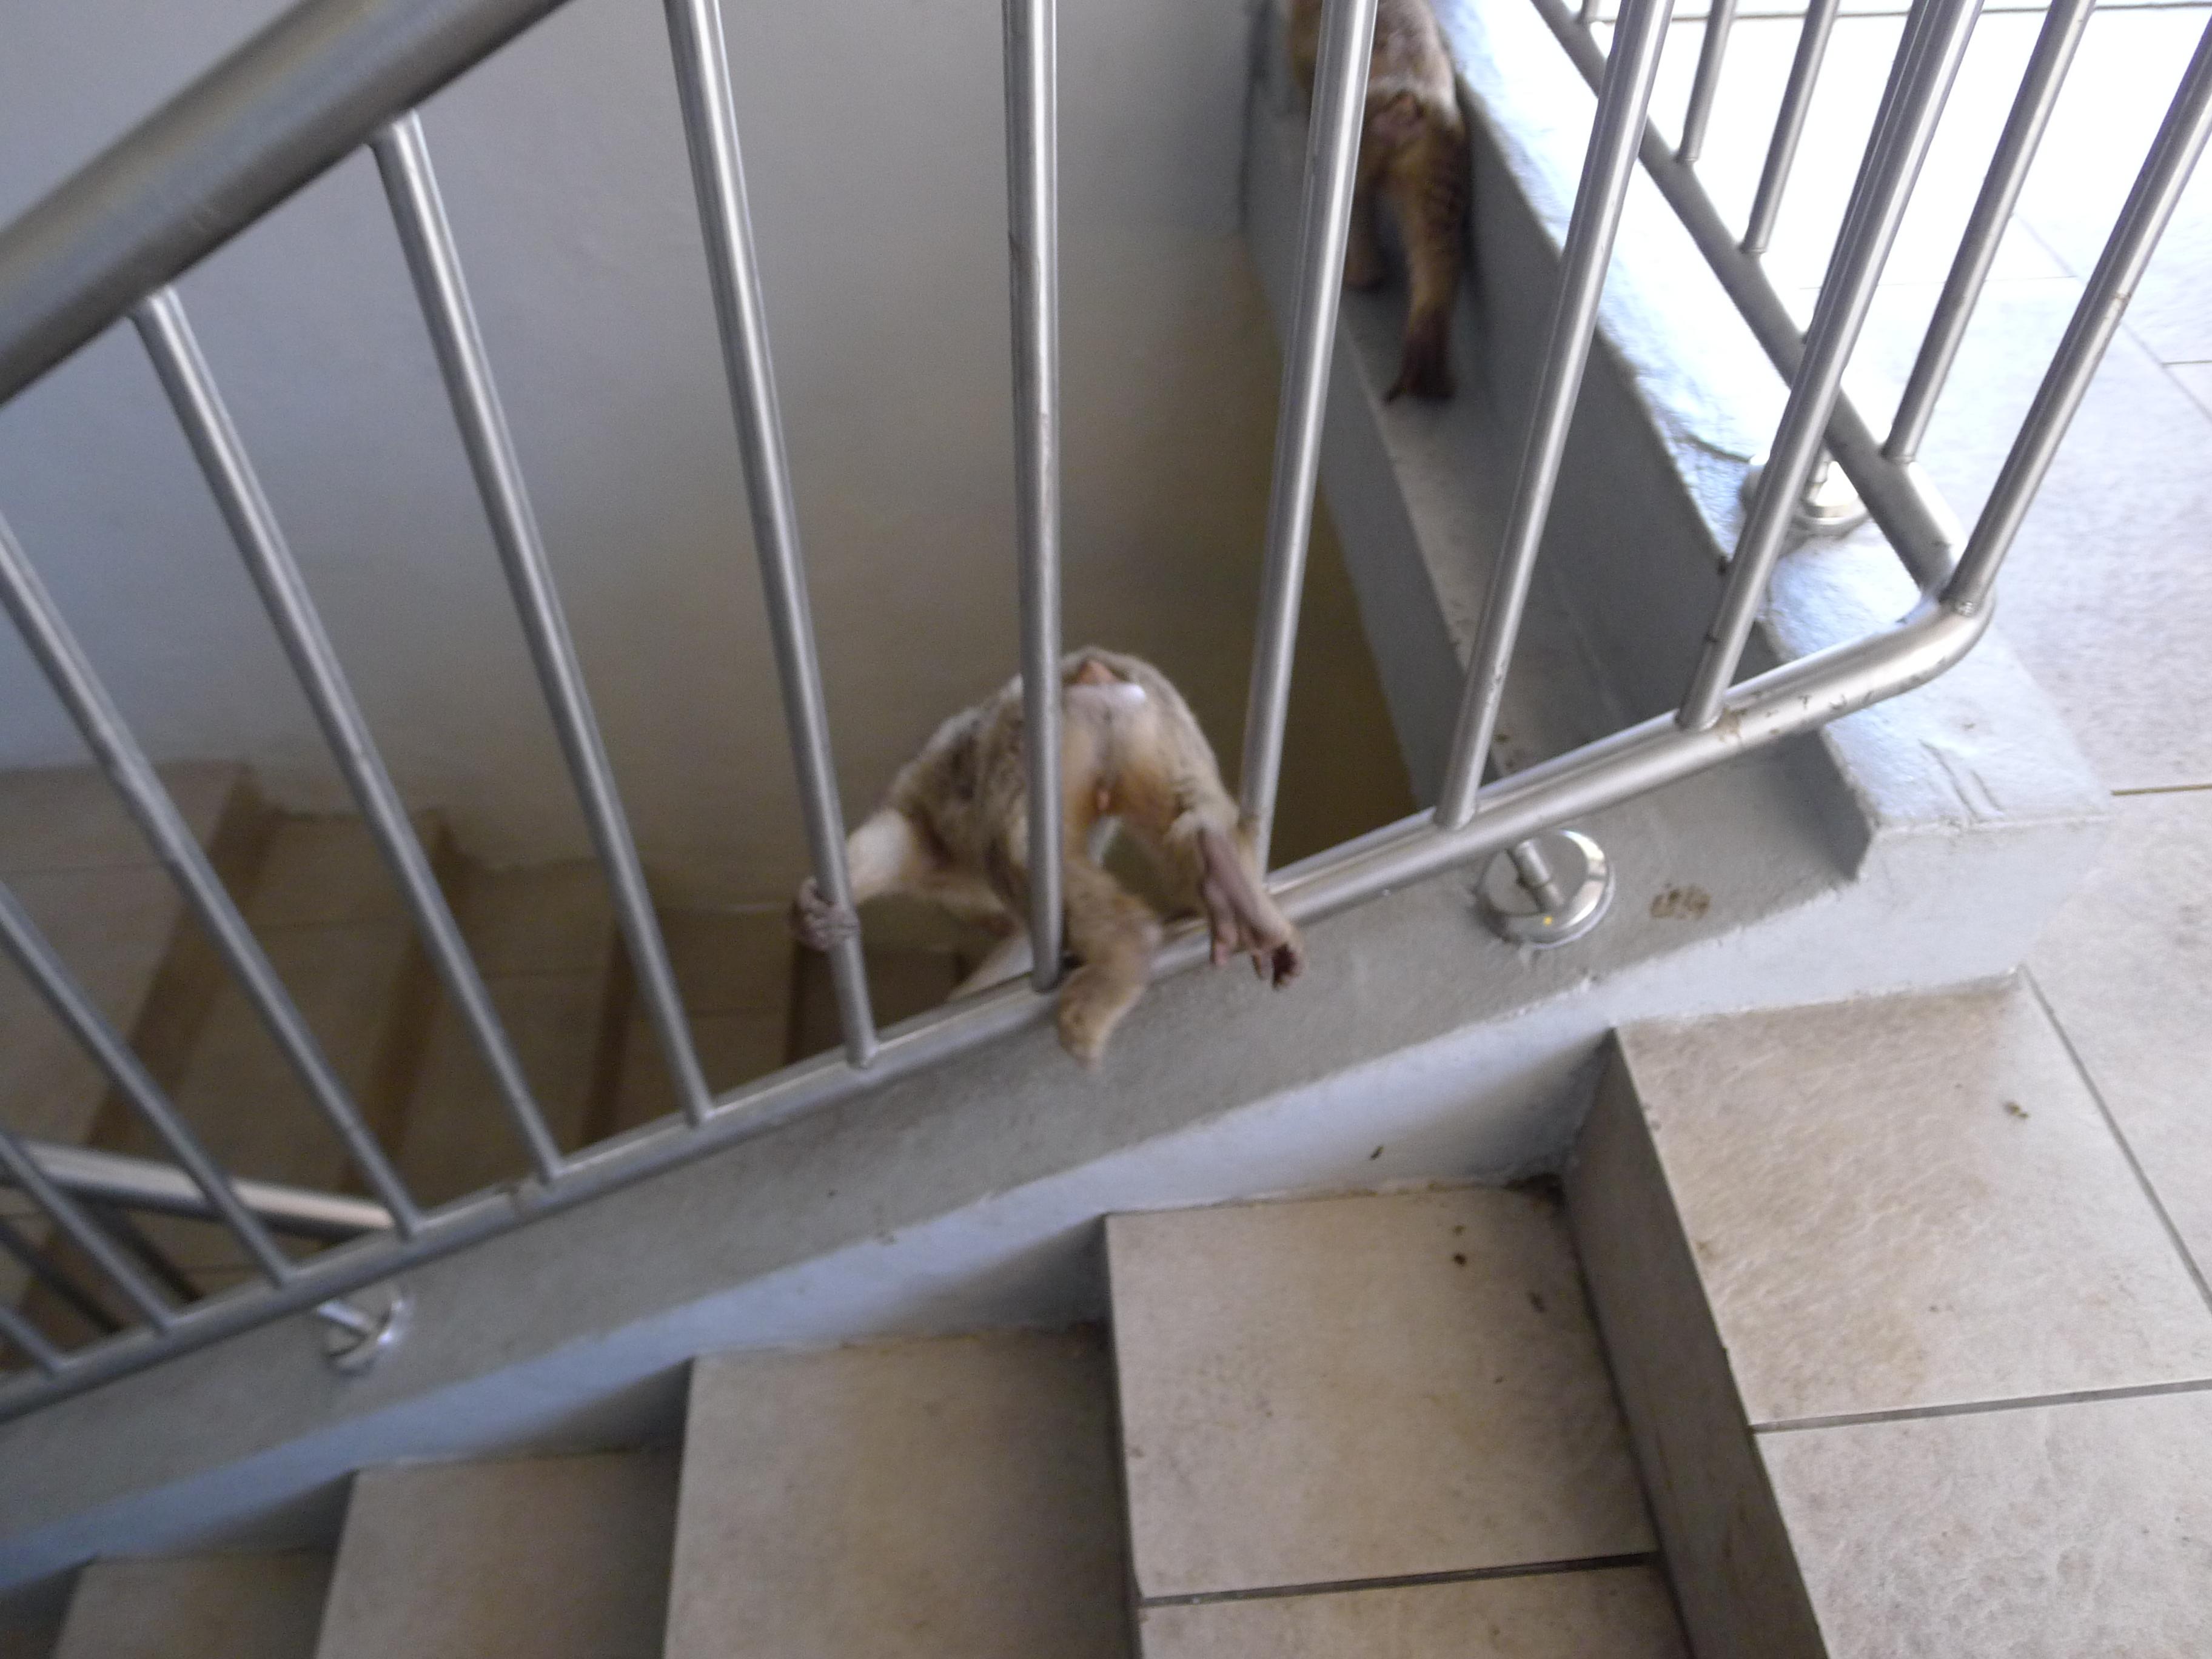 monkeys in the stairwell